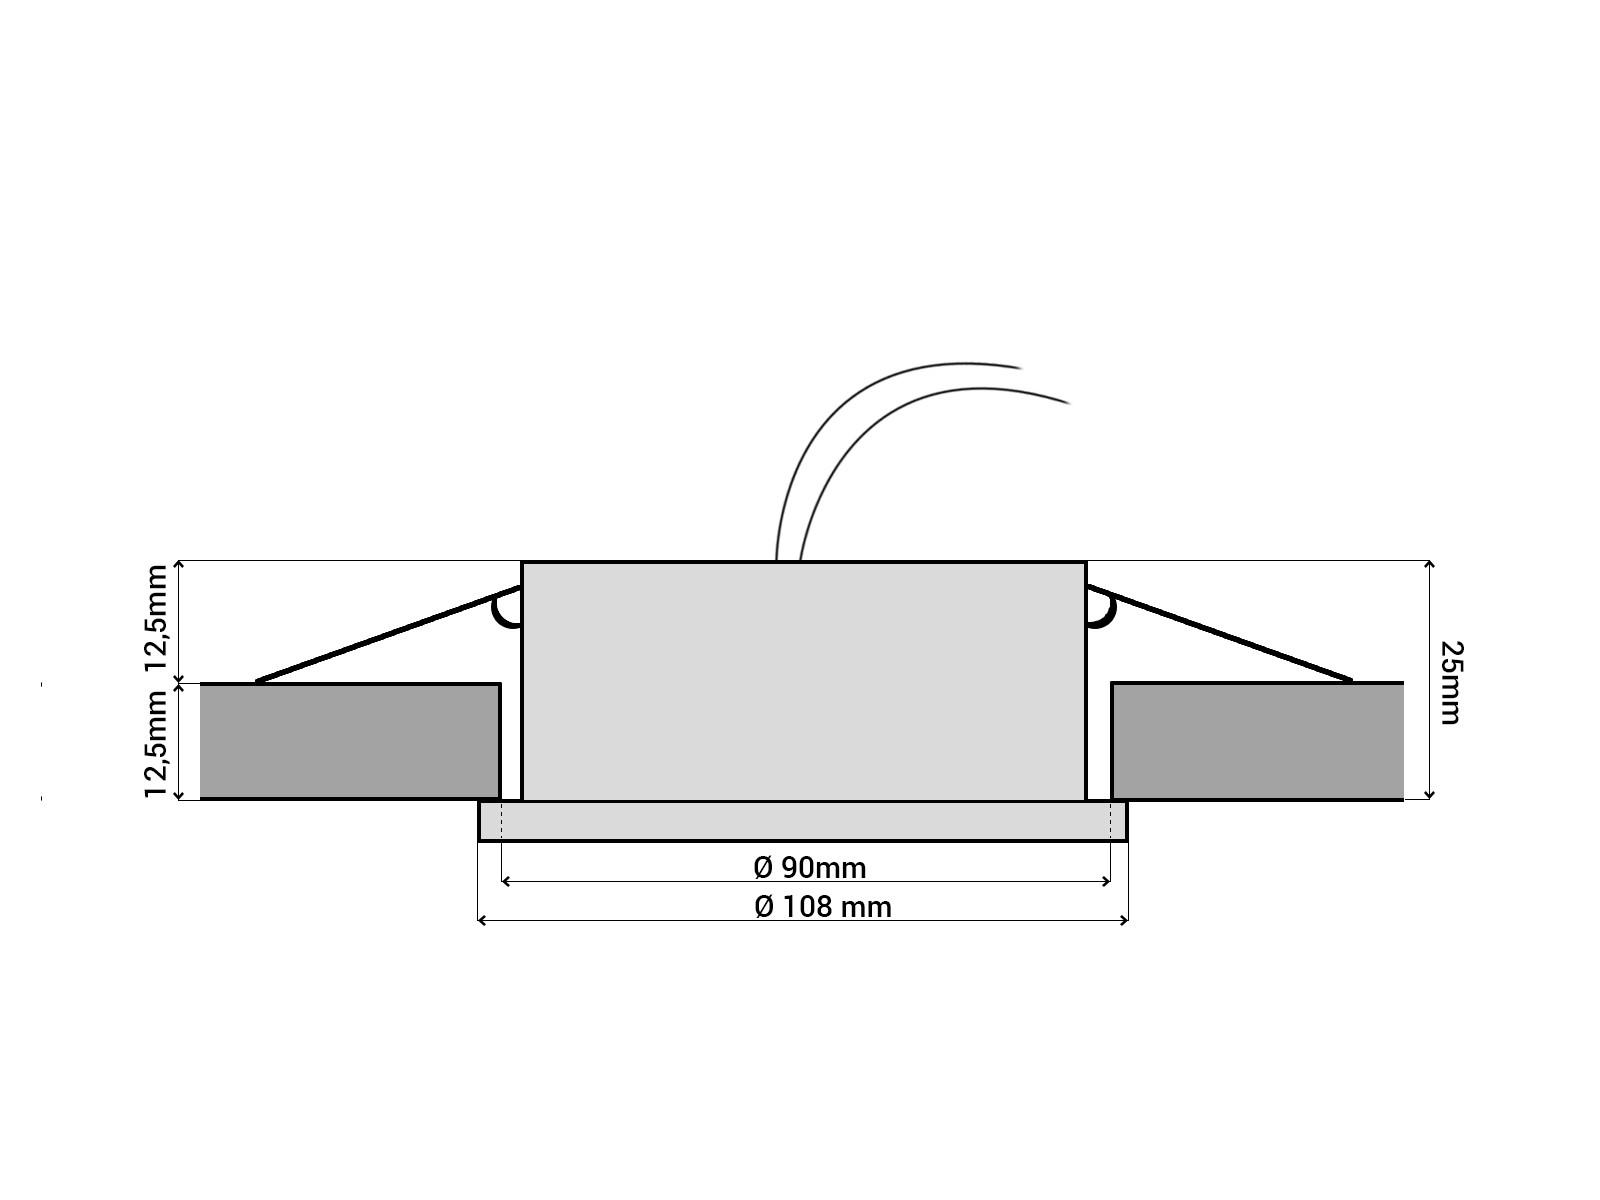 rx 3 alu led einbauleuchte geringe einbautiefe gx53 5 5w 230v 30 smd leds tageslicht neutral. Black Bedroom Furniture Sets. Home Design Ideas